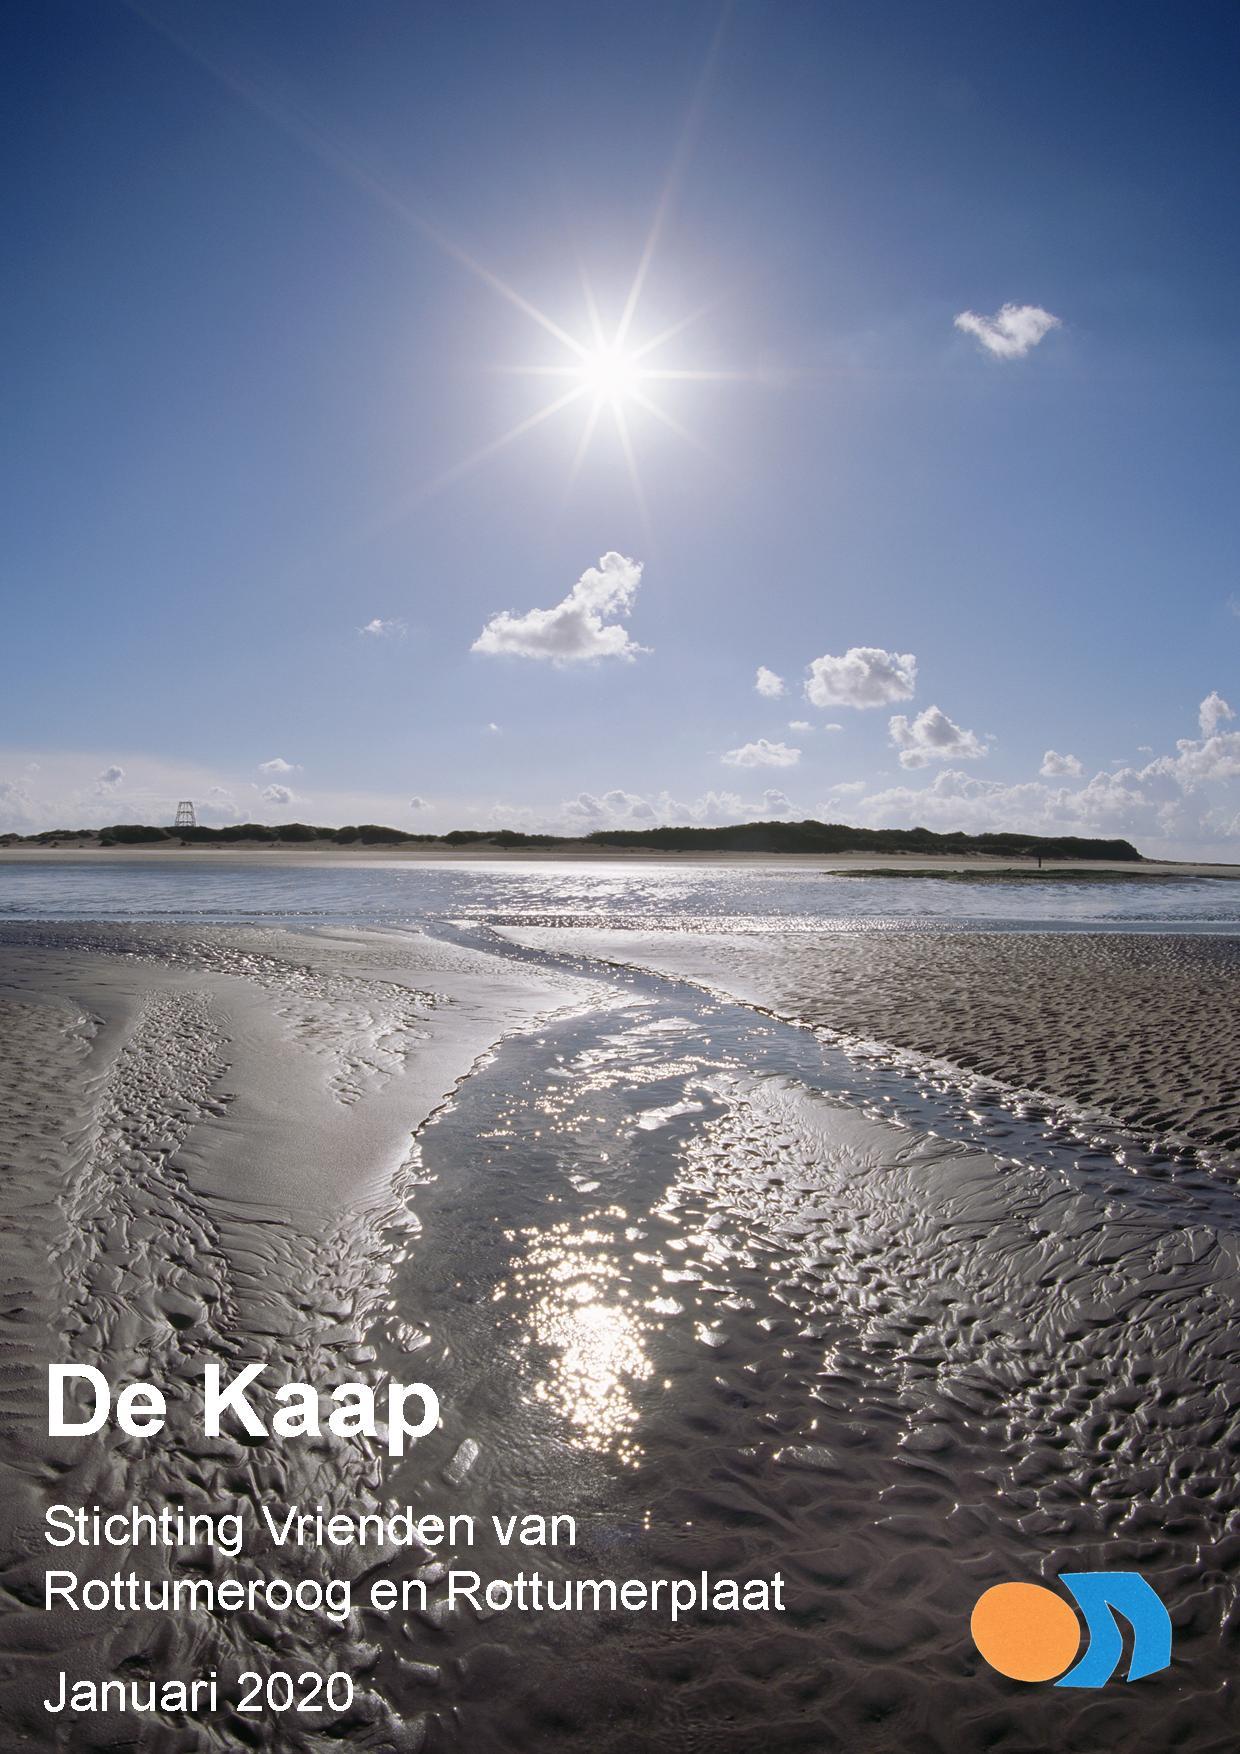 De Kaap januari 2019